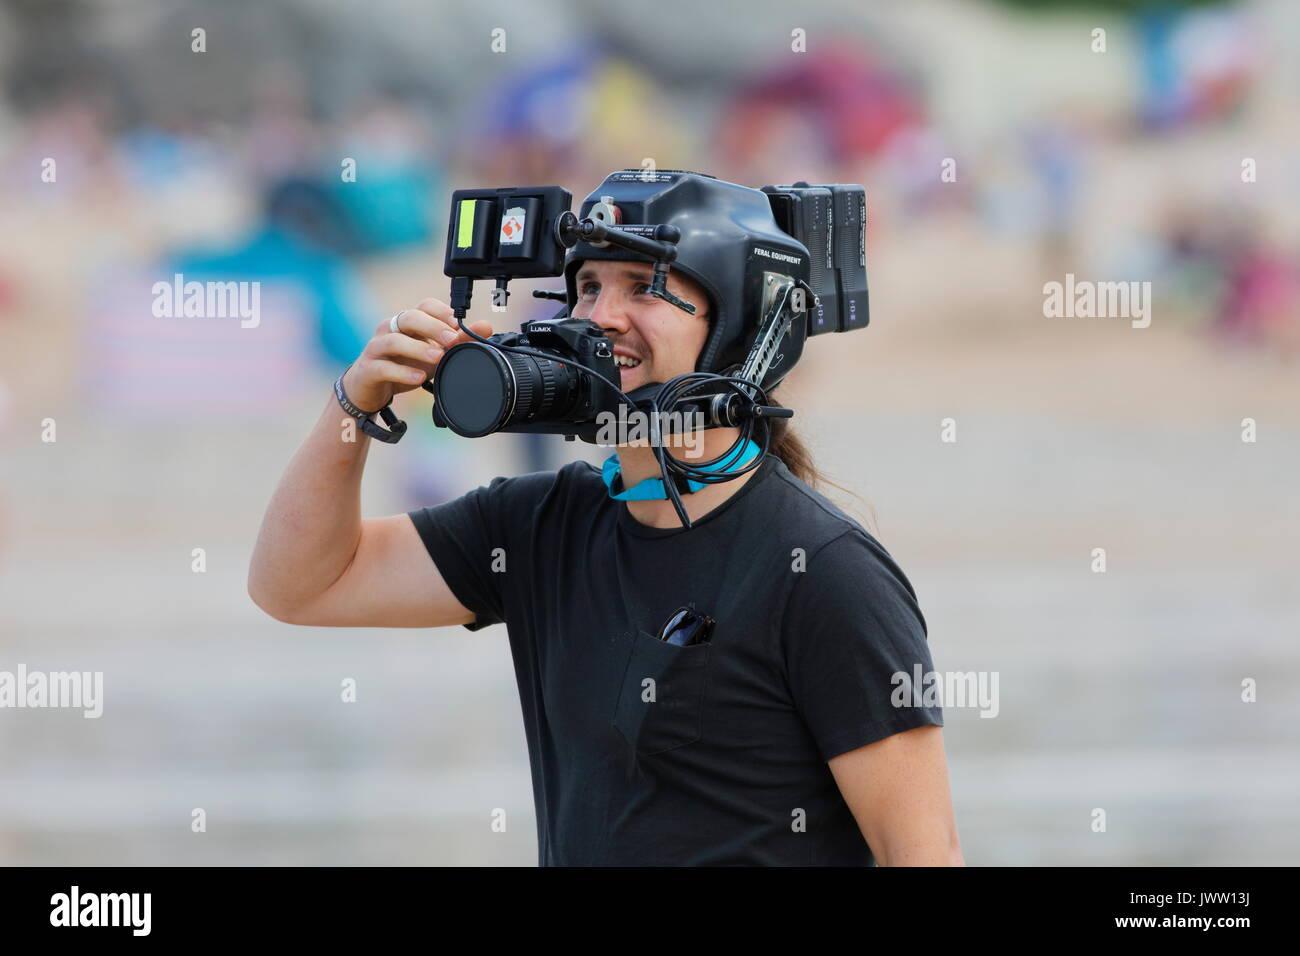 Fistral Beach, Newquay, Cornwall, Reino Unido. 13 Aug, 2017. Los surfistas tomar parte en el día 5 del Campeonato Boardmasters. Este longboard destacados surfistas de todo el mundo. Crédito: Nicholas Burningham/Alamy Live News Foto de stock